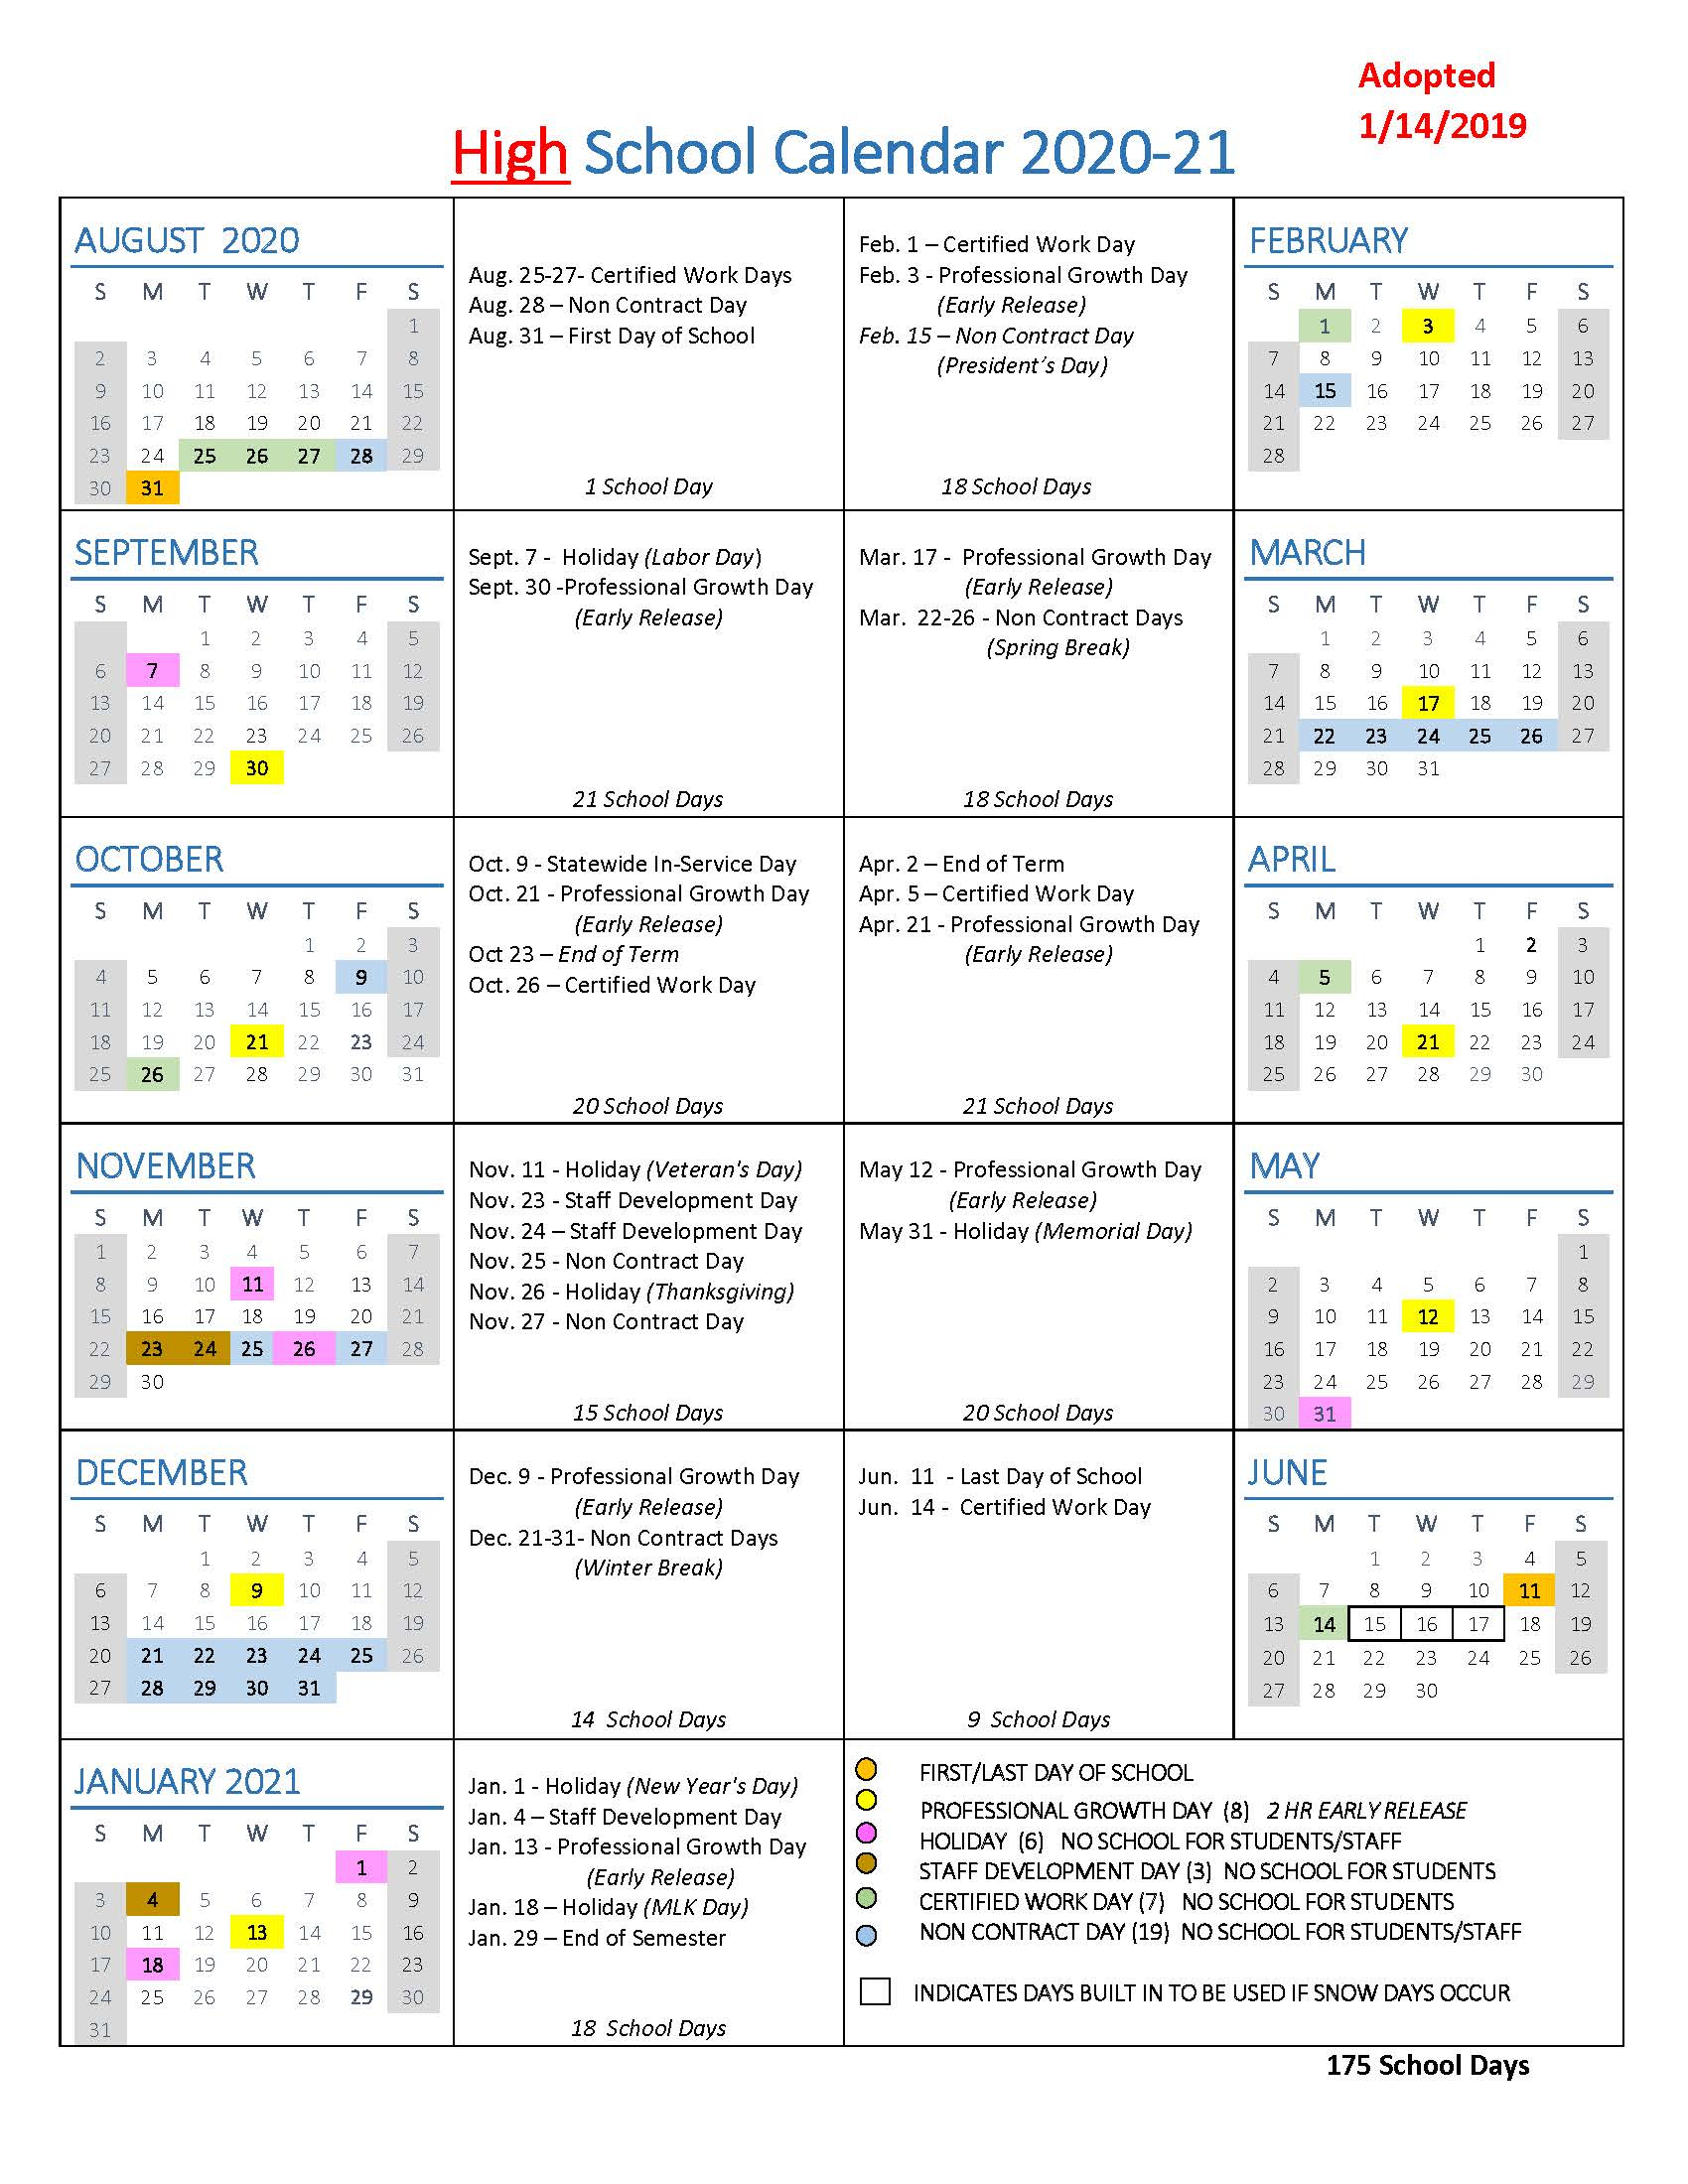 Stafford County Public Schools Calendar 2020 2021 | Free Inside Las Cruces Public Schools Calendar 2021 2020